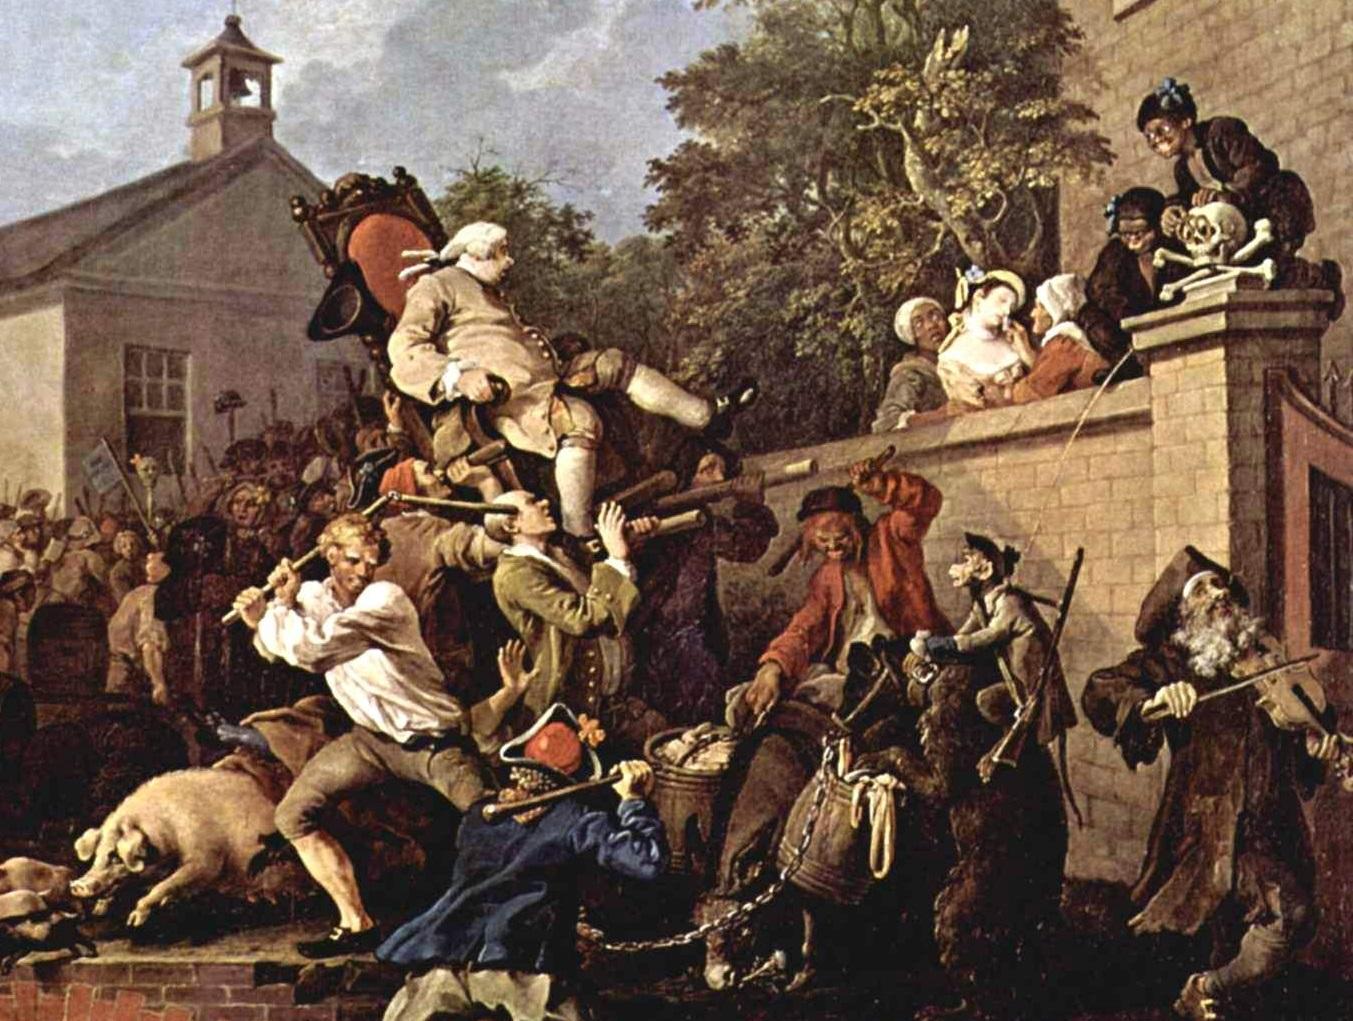 Уильям Хогарт. Выборы. Триумф депутатов. 1775 (фрагмент)